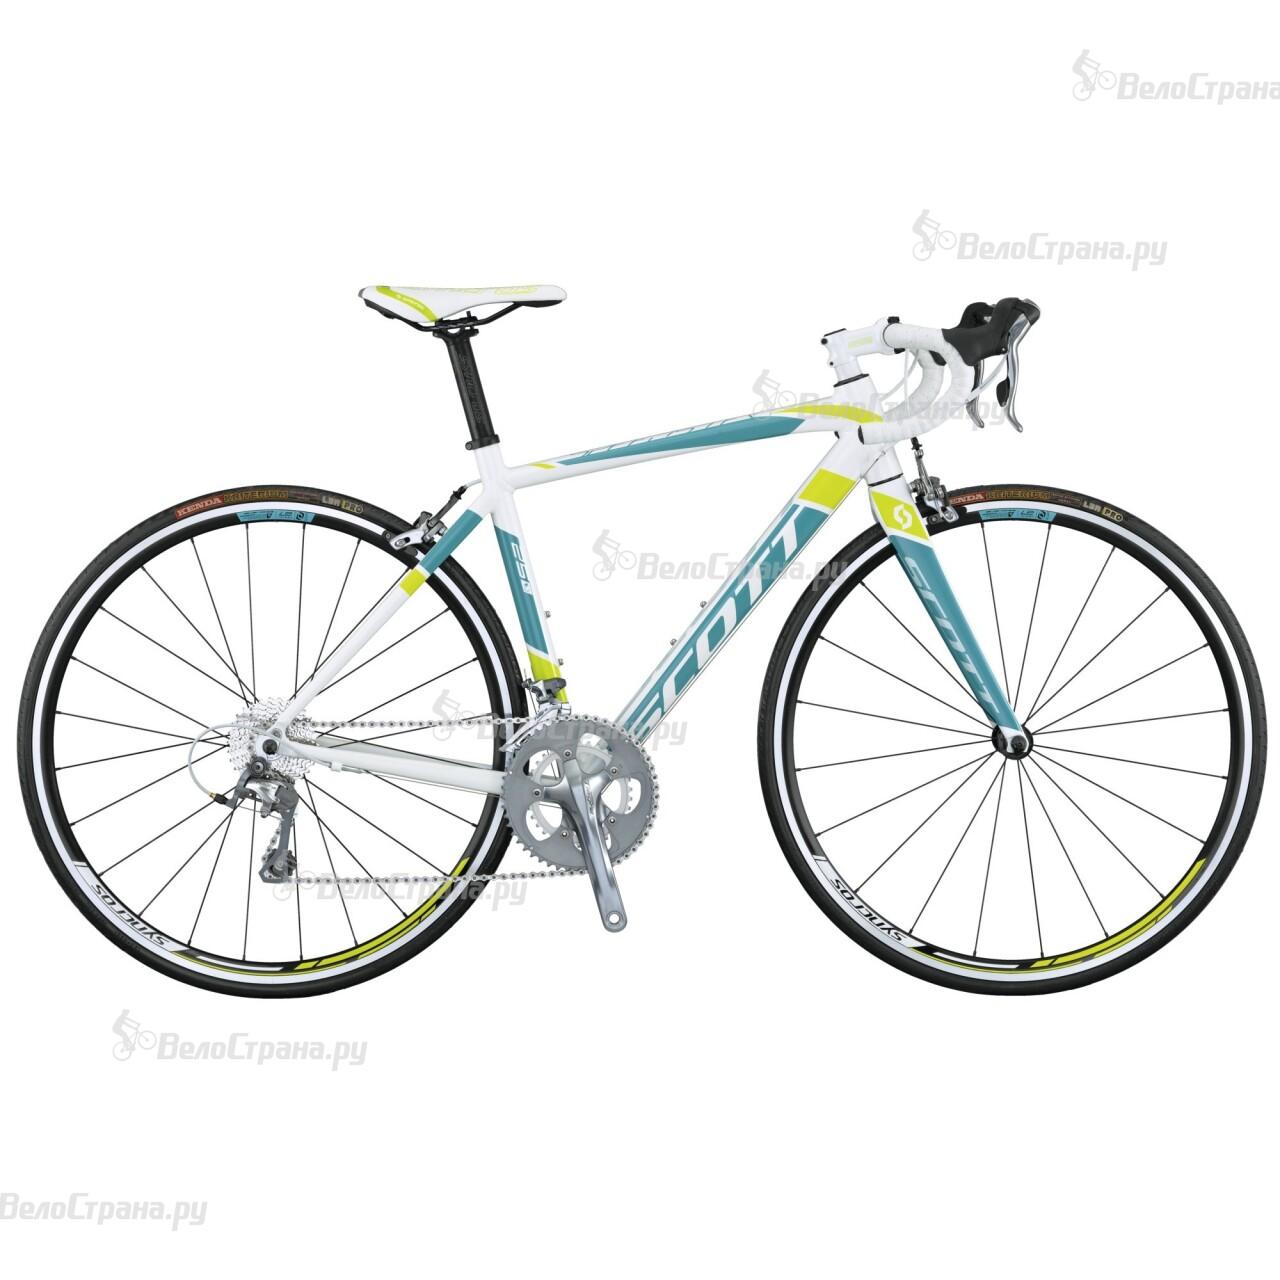 Велосипед Scott Contessa Speedster 25 (2015) велосипед scott contessa speedster 15 2015